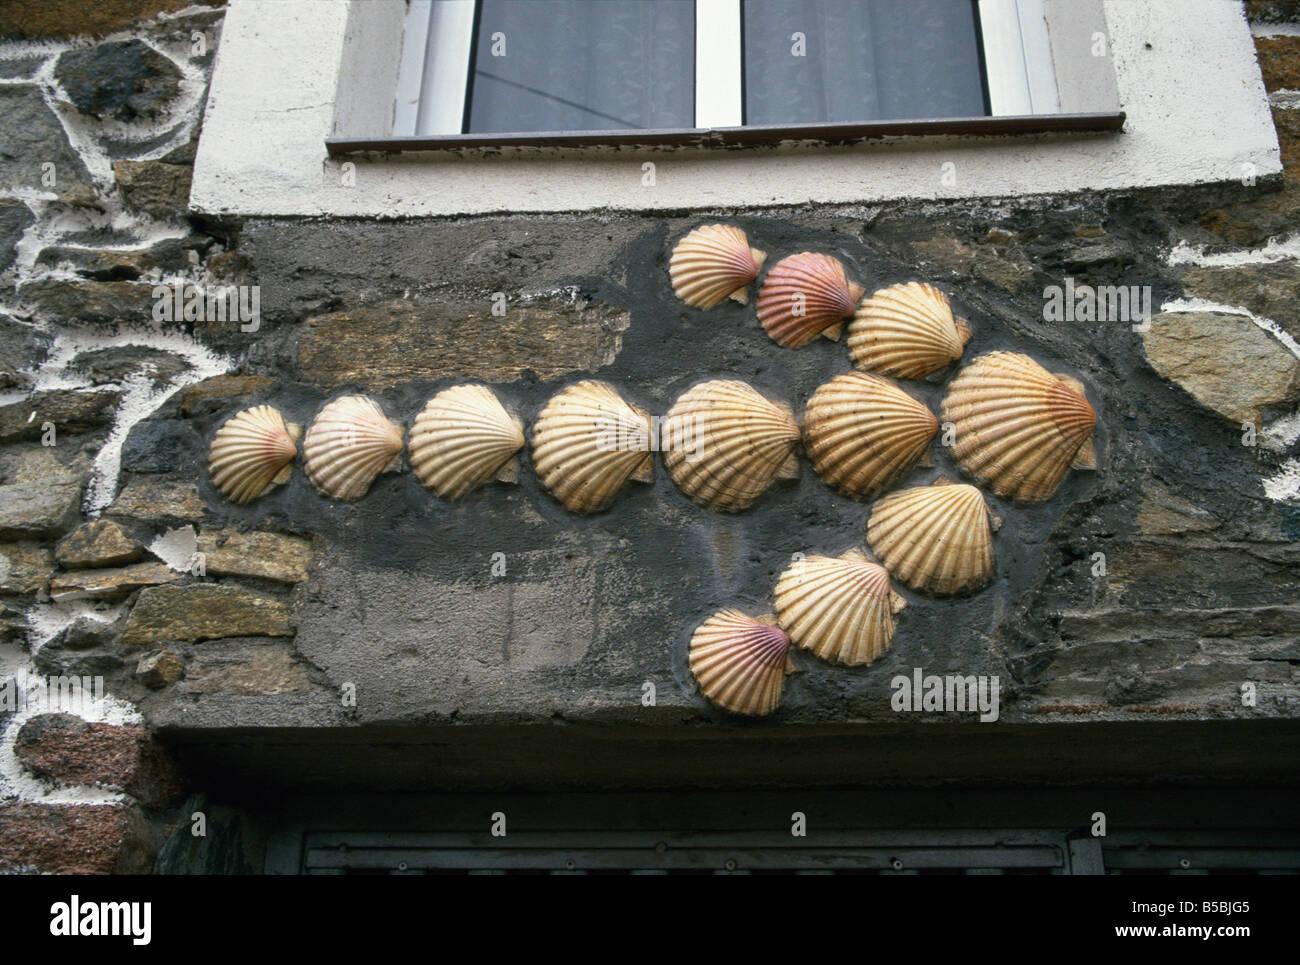 Camino Scallop Shells Stock Photos Camino Scallop Shells Stock